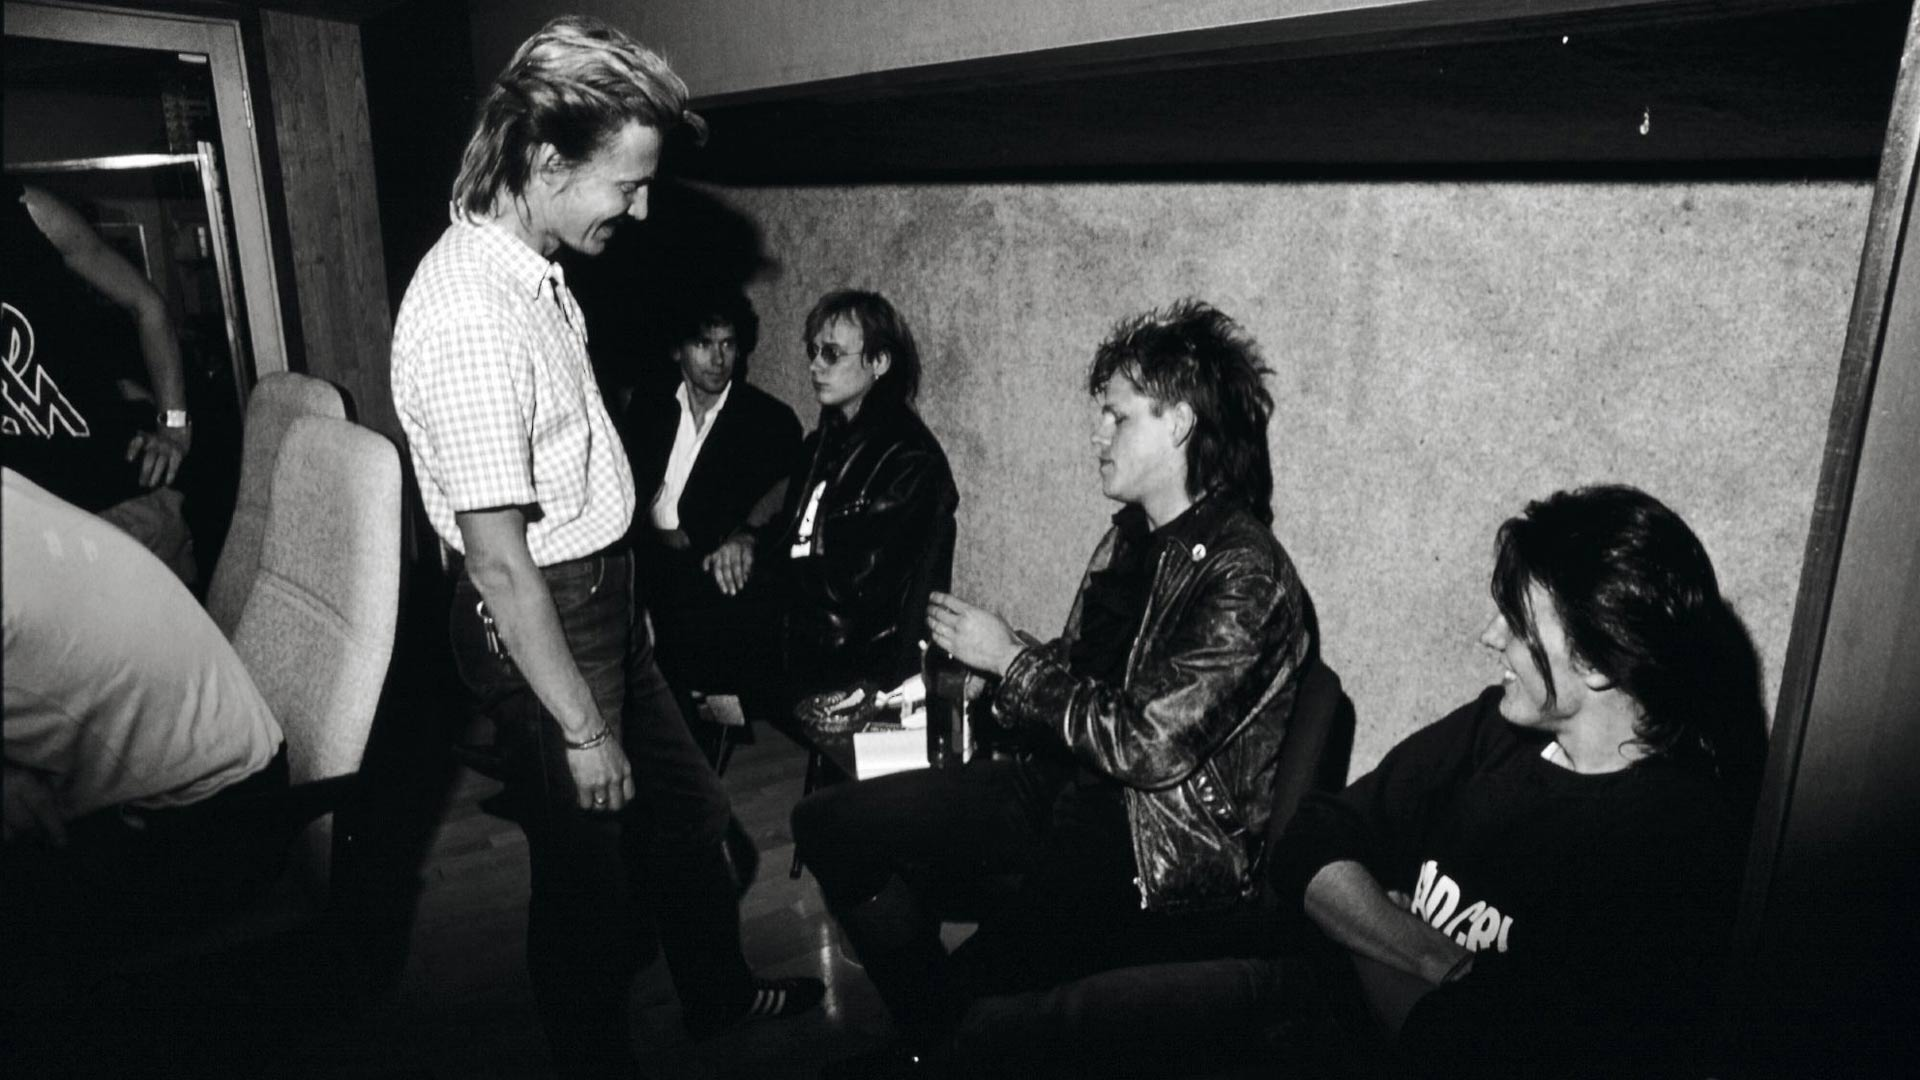 Dingo levytysmatkalla Dublinissa Irlannissa lokakuussa 1985.